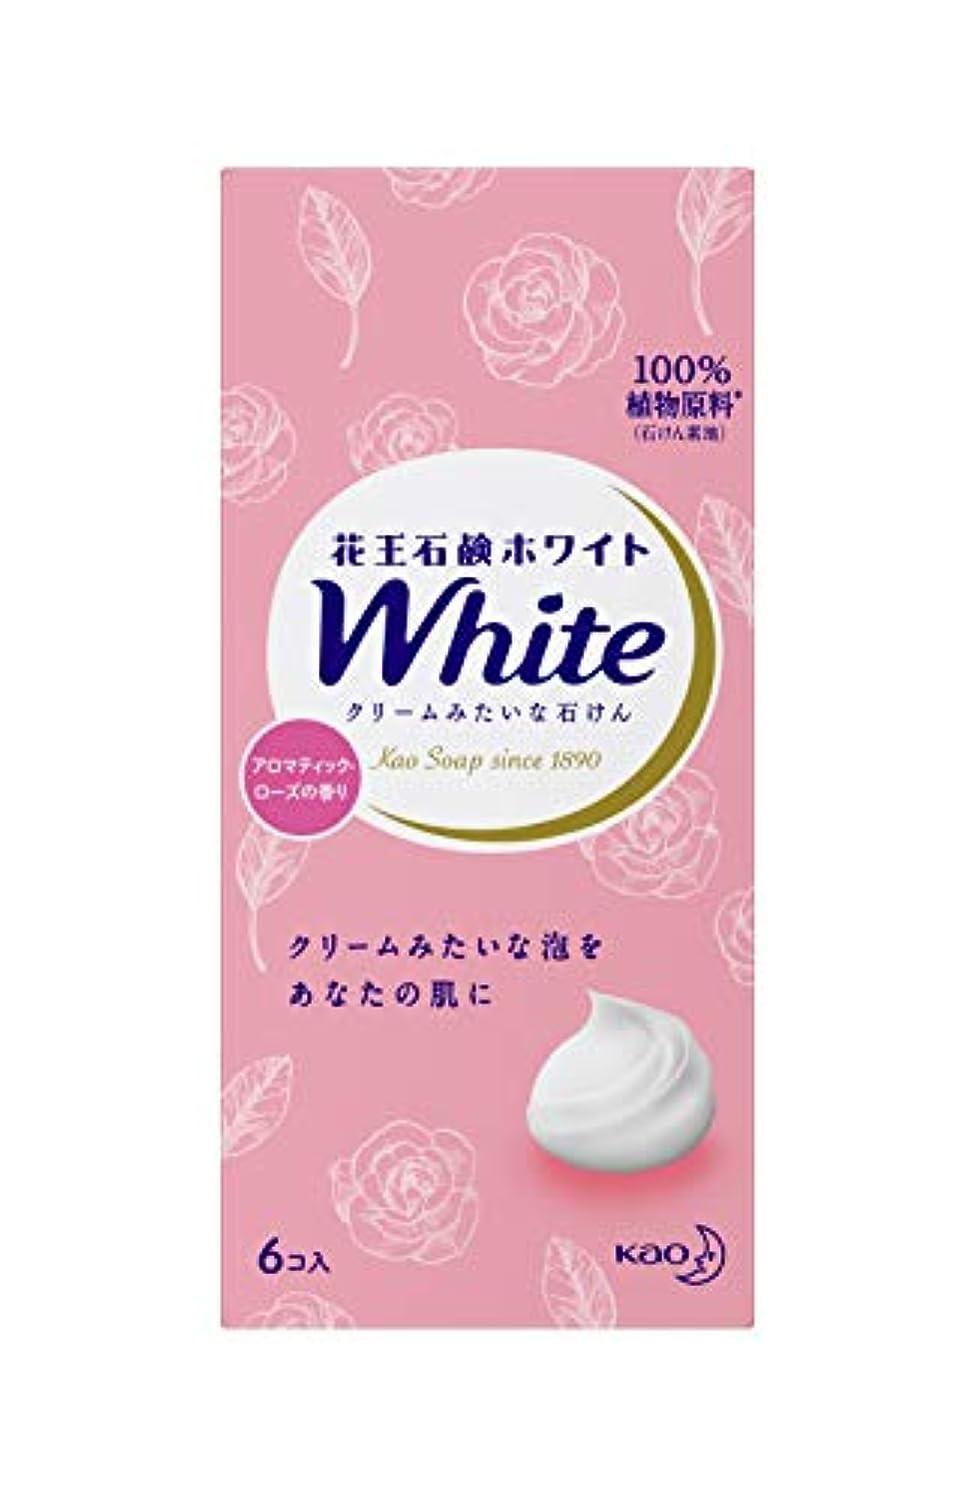 無関心の慈悲で反論花王ホワイト アロマティックローズの香り 普通サイズ 6コパック